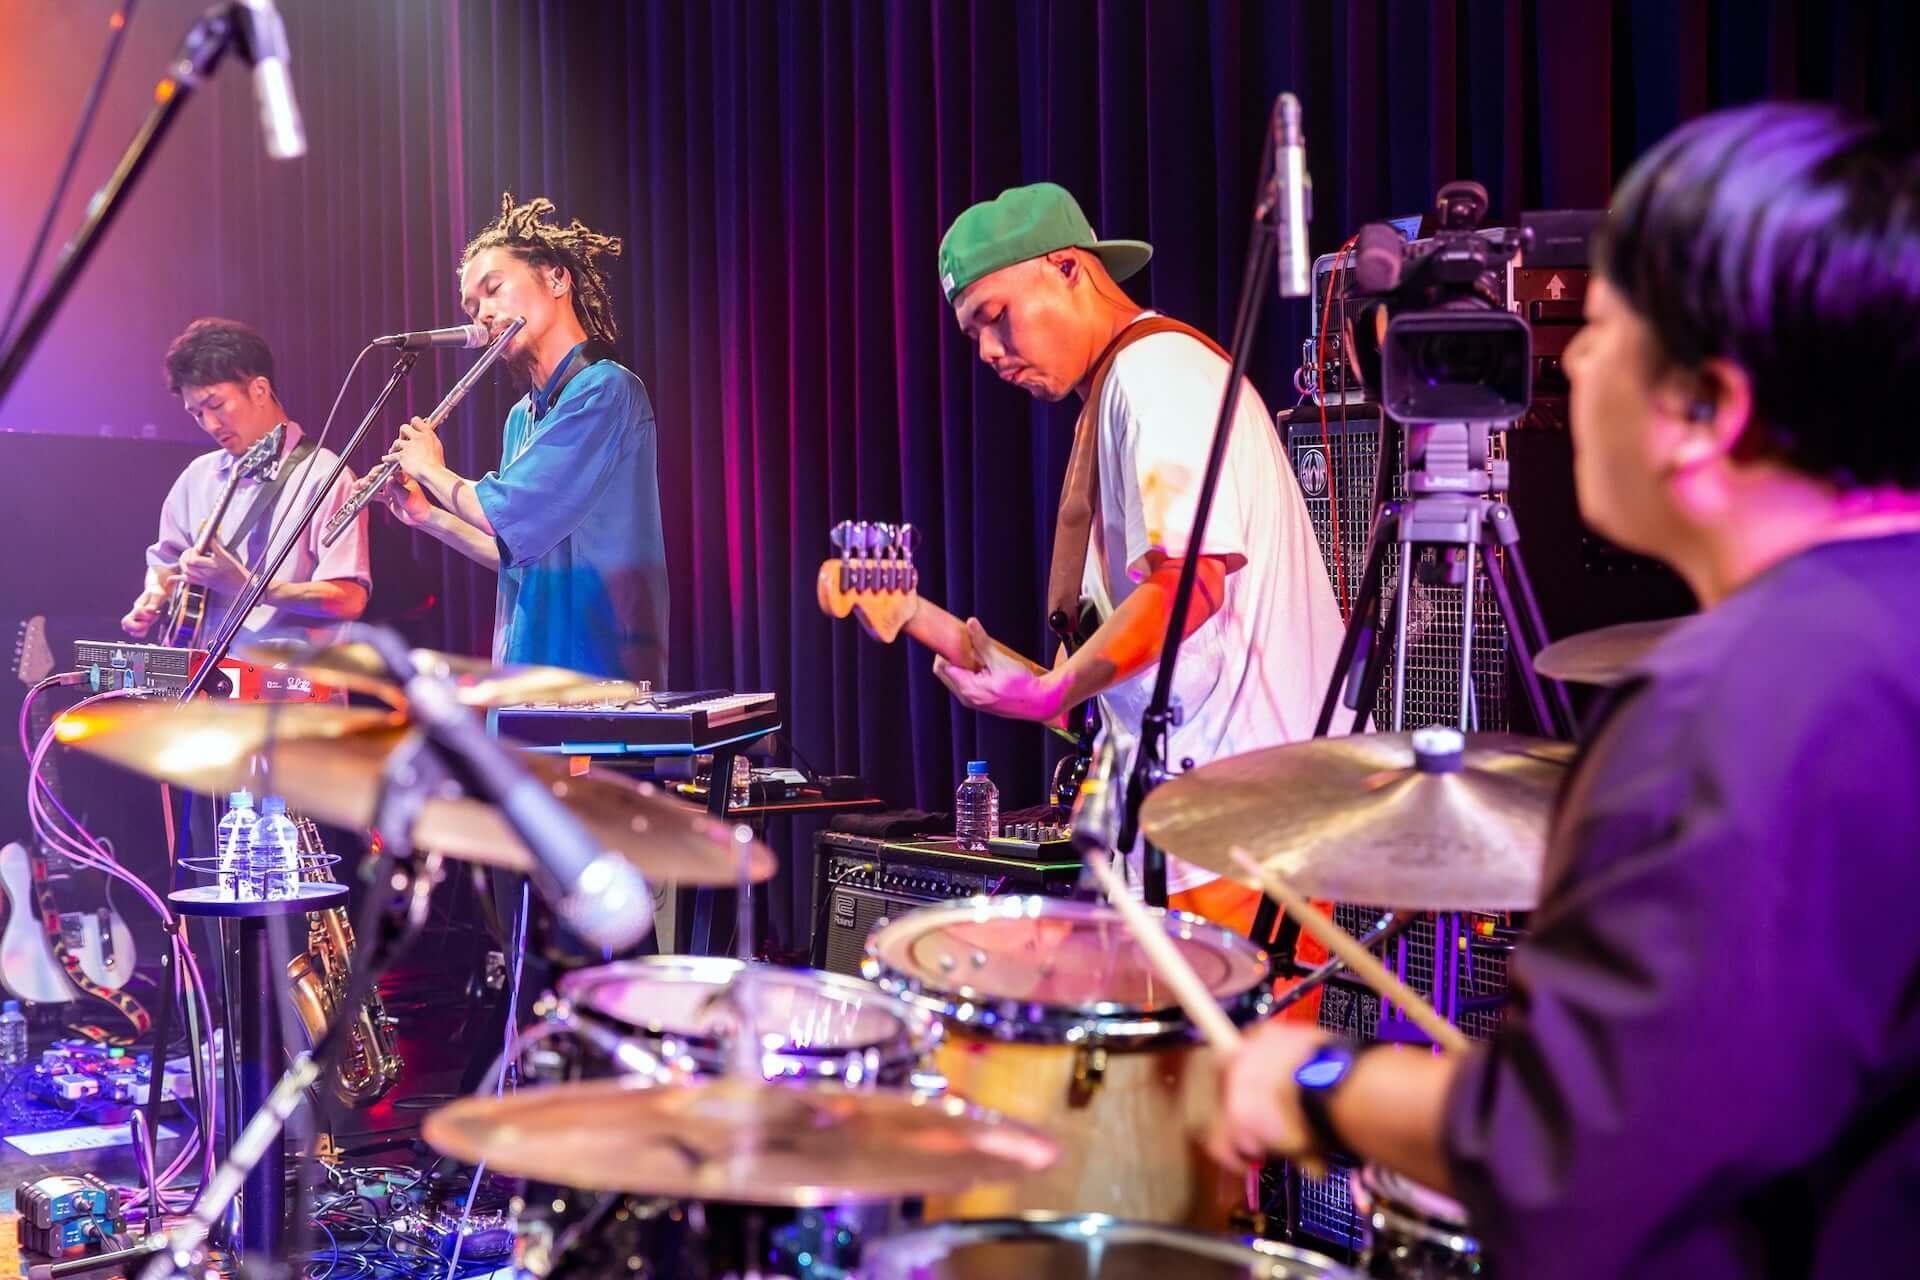 結成10周年を迎えたSoulflexがビルボードライブ大阪からキャリア初の生配信ライブを敢行!ライブレポートが到着 music2000825_soulflex-livereport_27-1920x1280